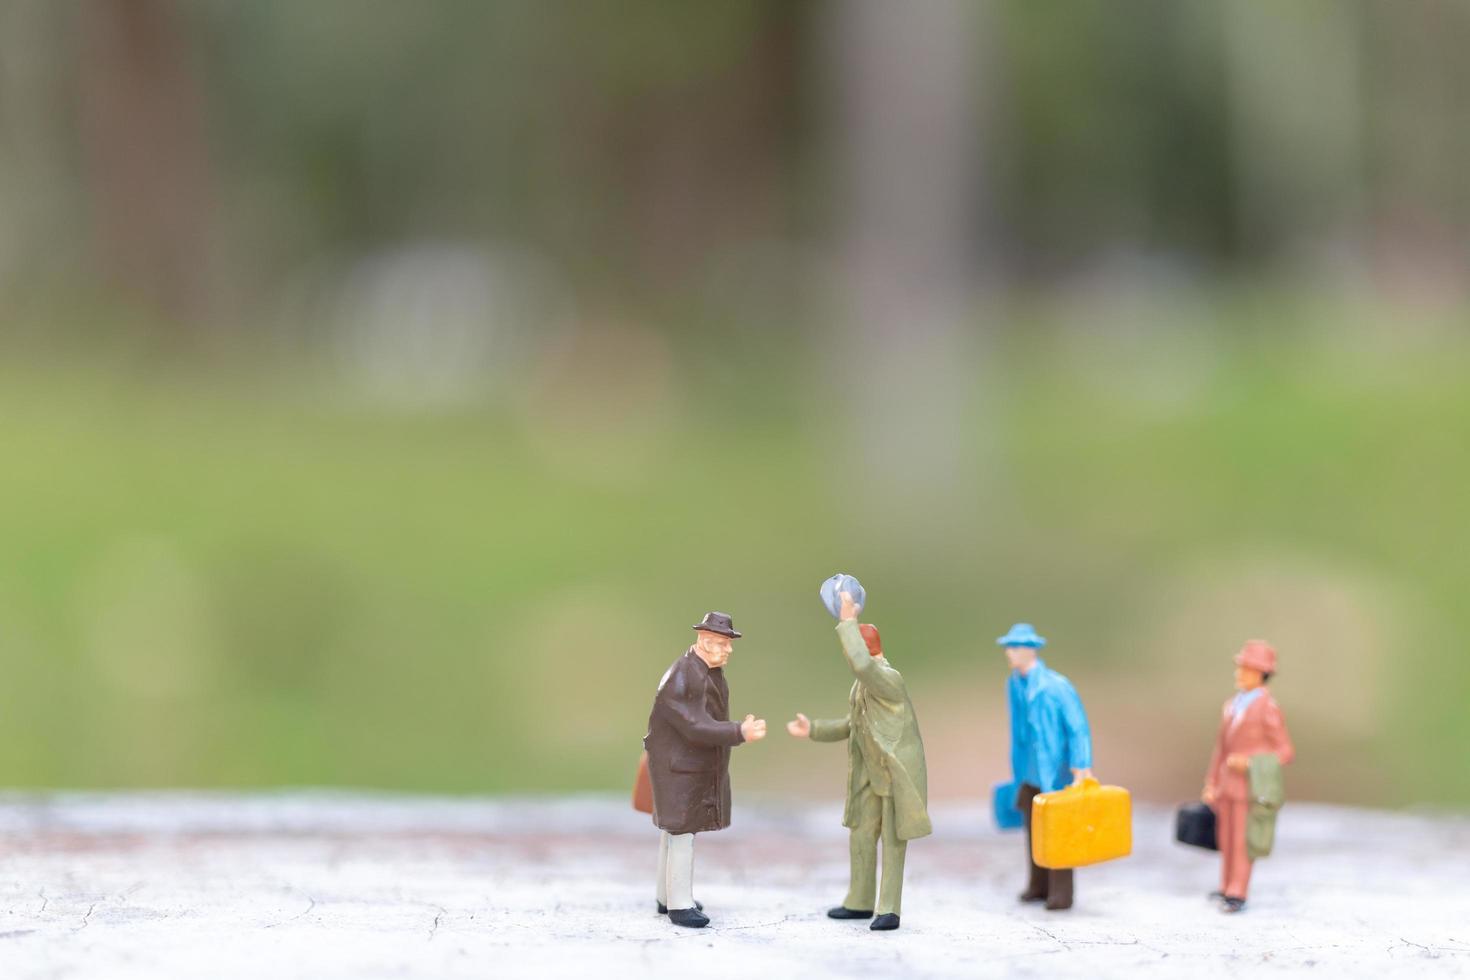 viajantes em miniatura andando em uma rua, conceito de viagem e aventura foto